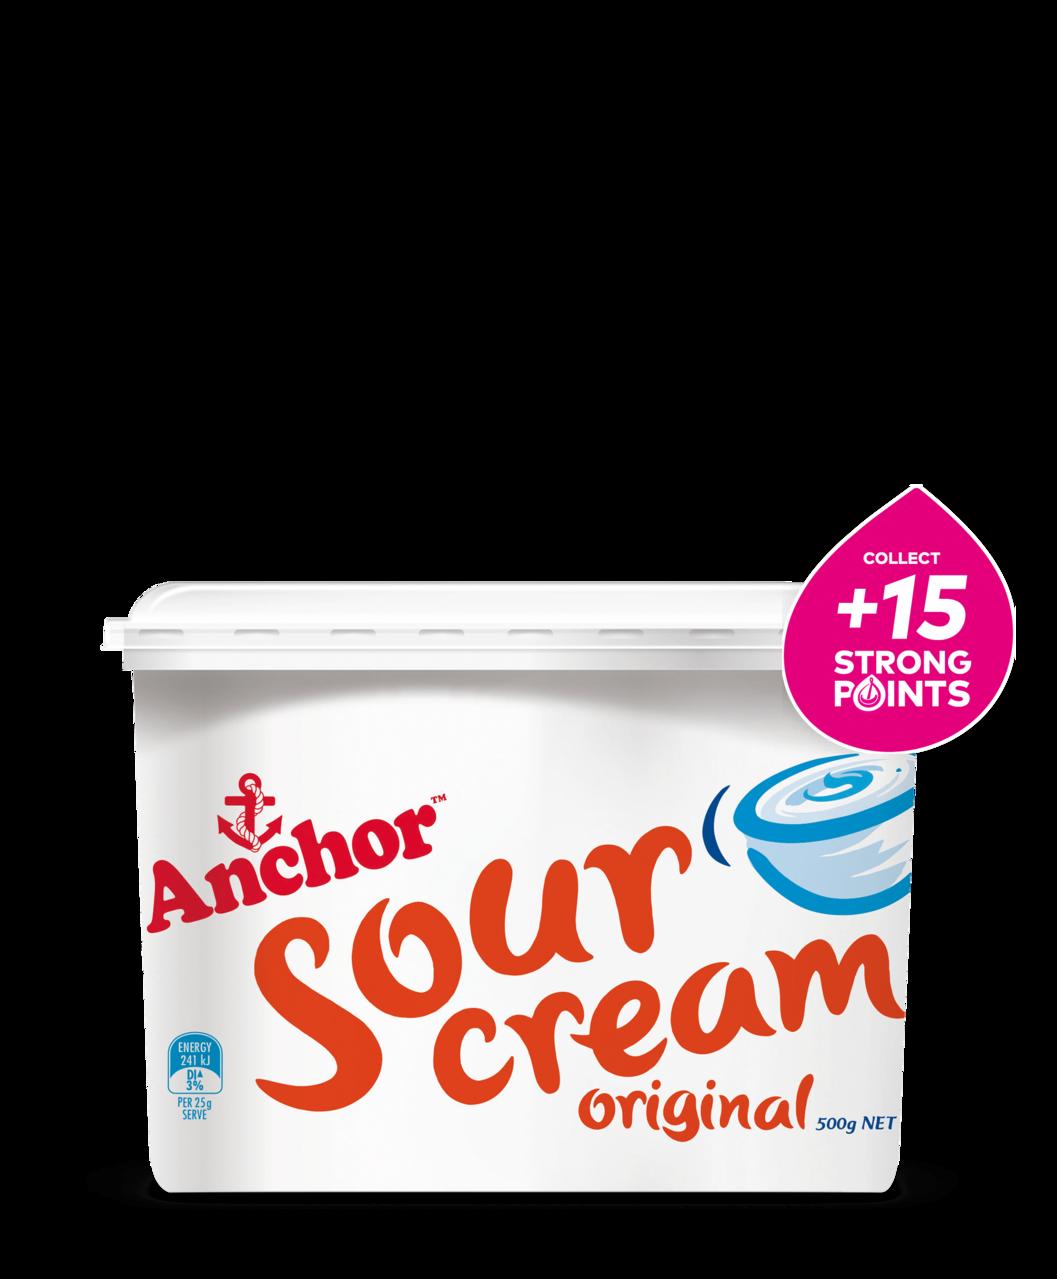 Anchor Sour Cream Original 500g tub